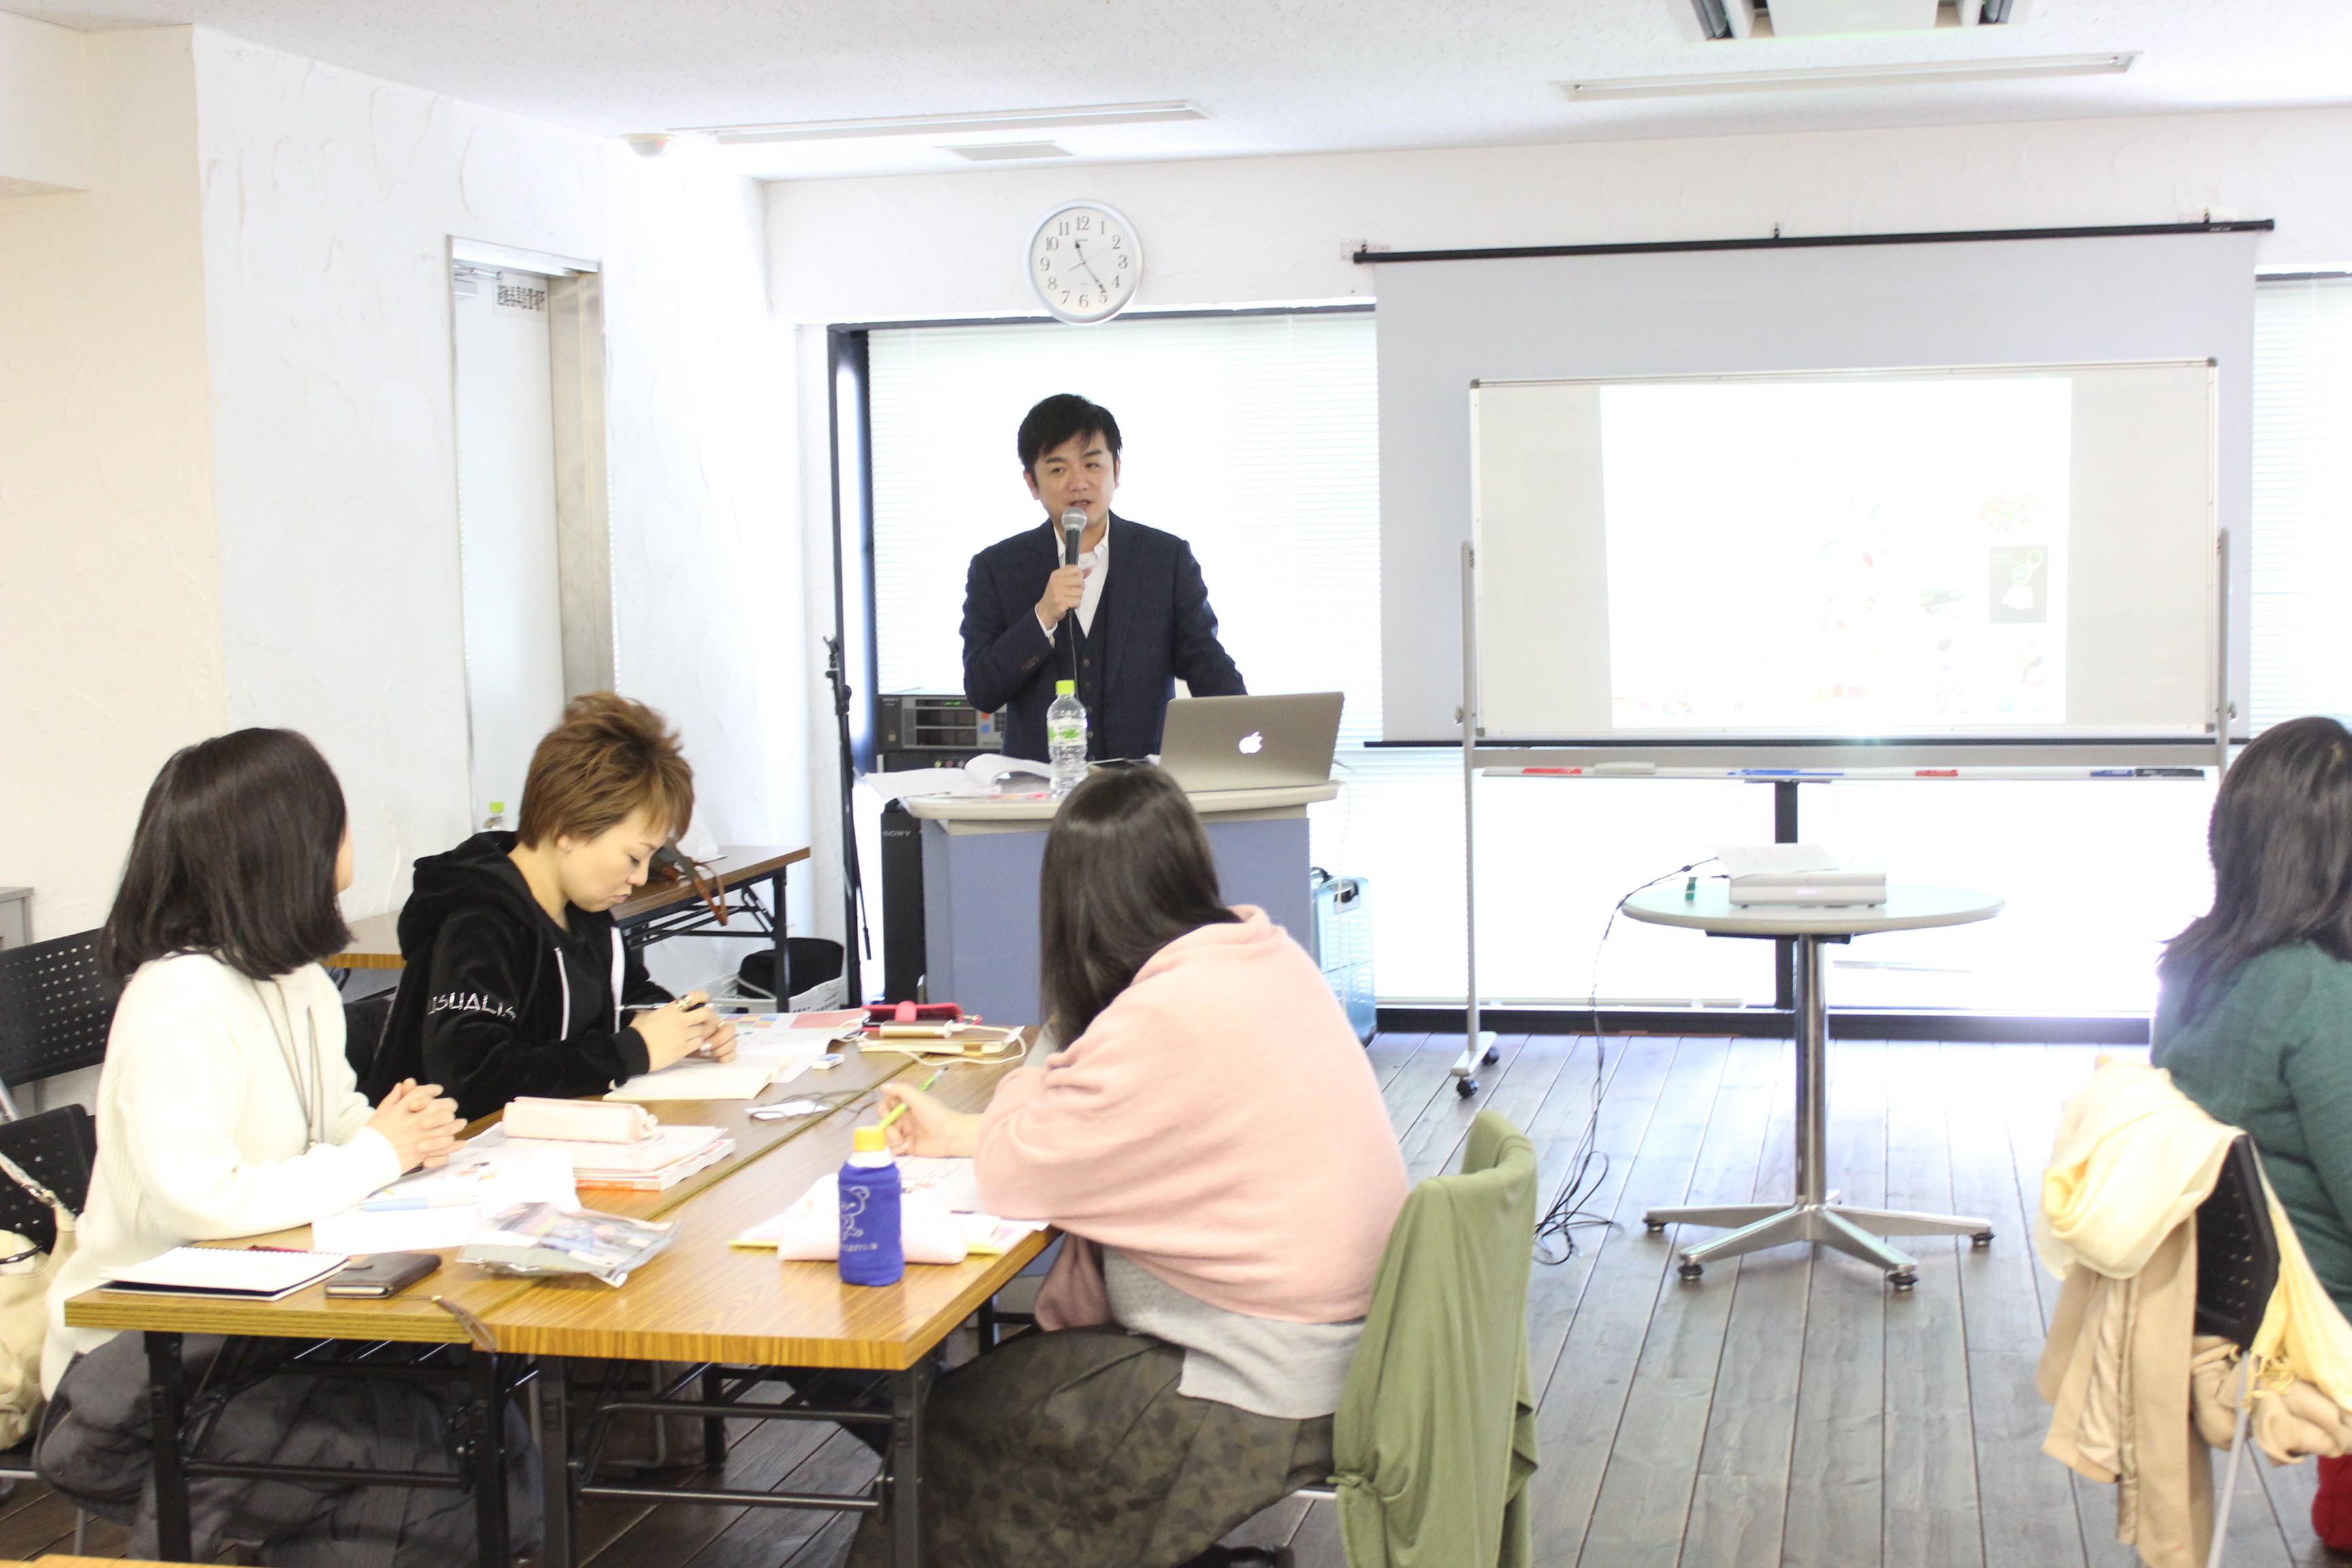 キレイデザイン協会_大沢清文